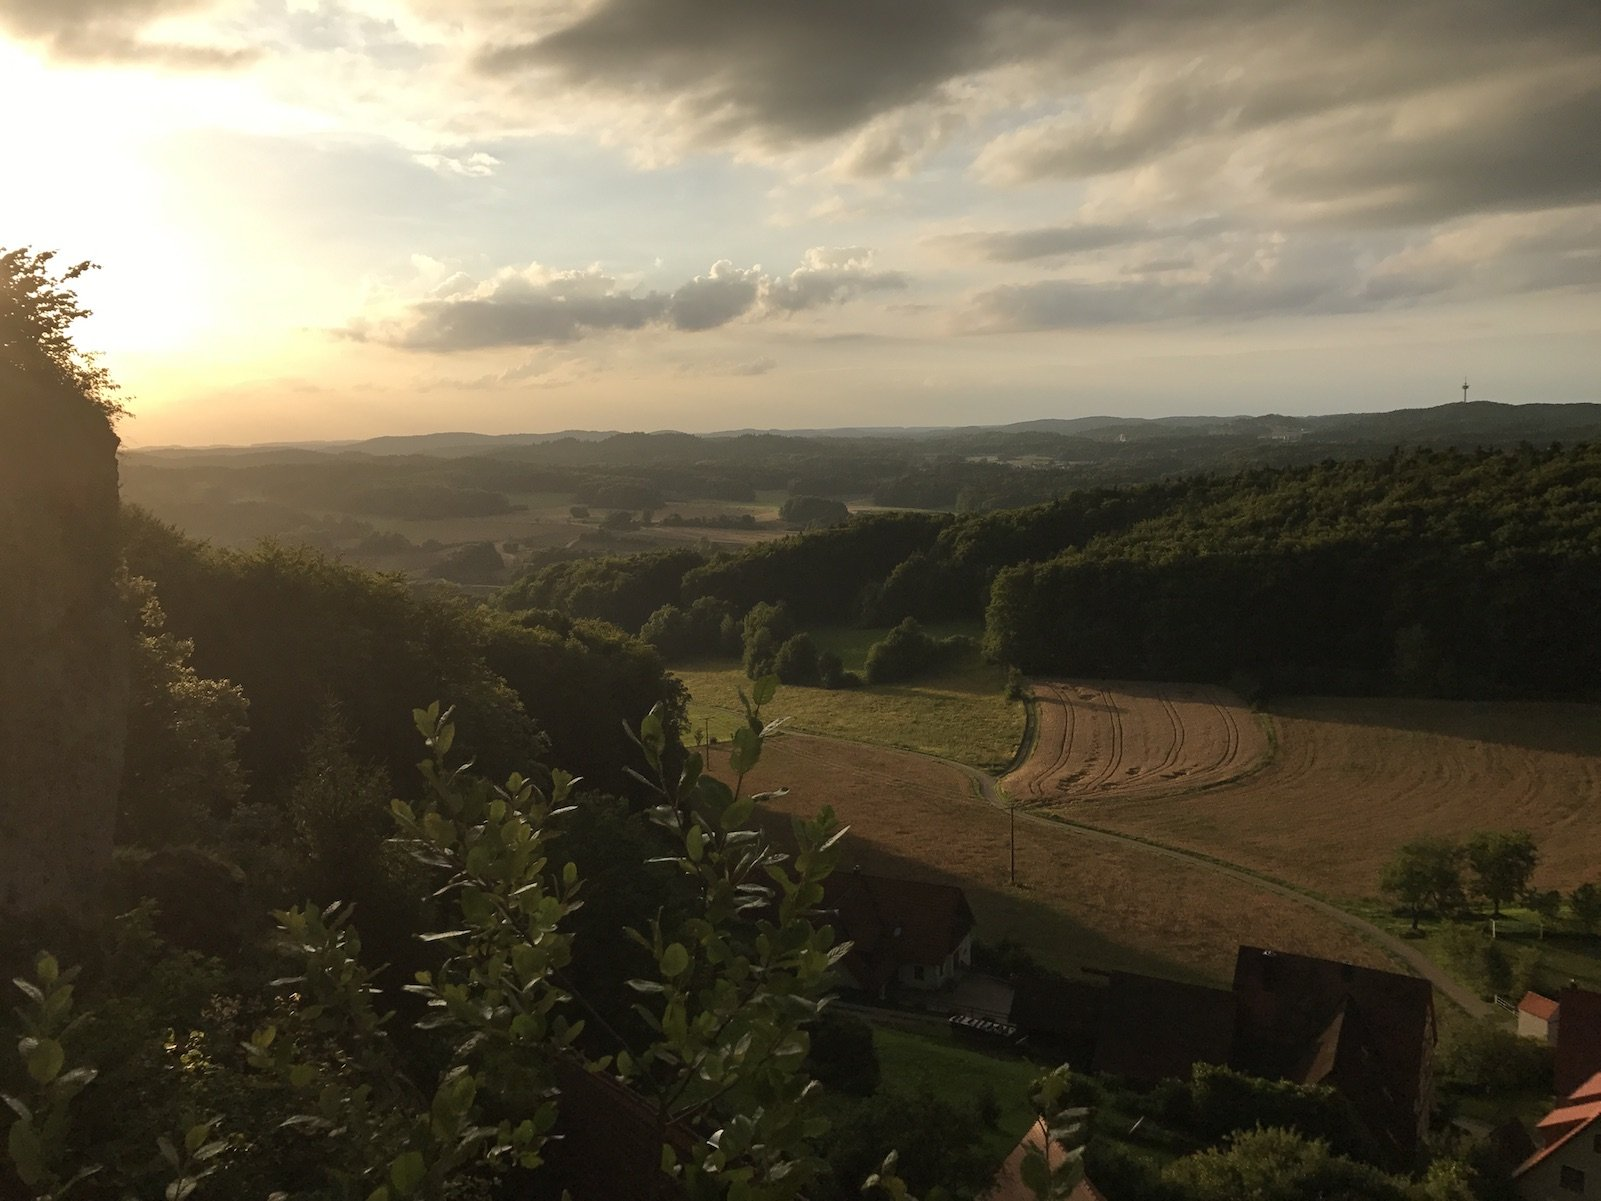 Sonnenuntergang auf der Burg Hohenstein